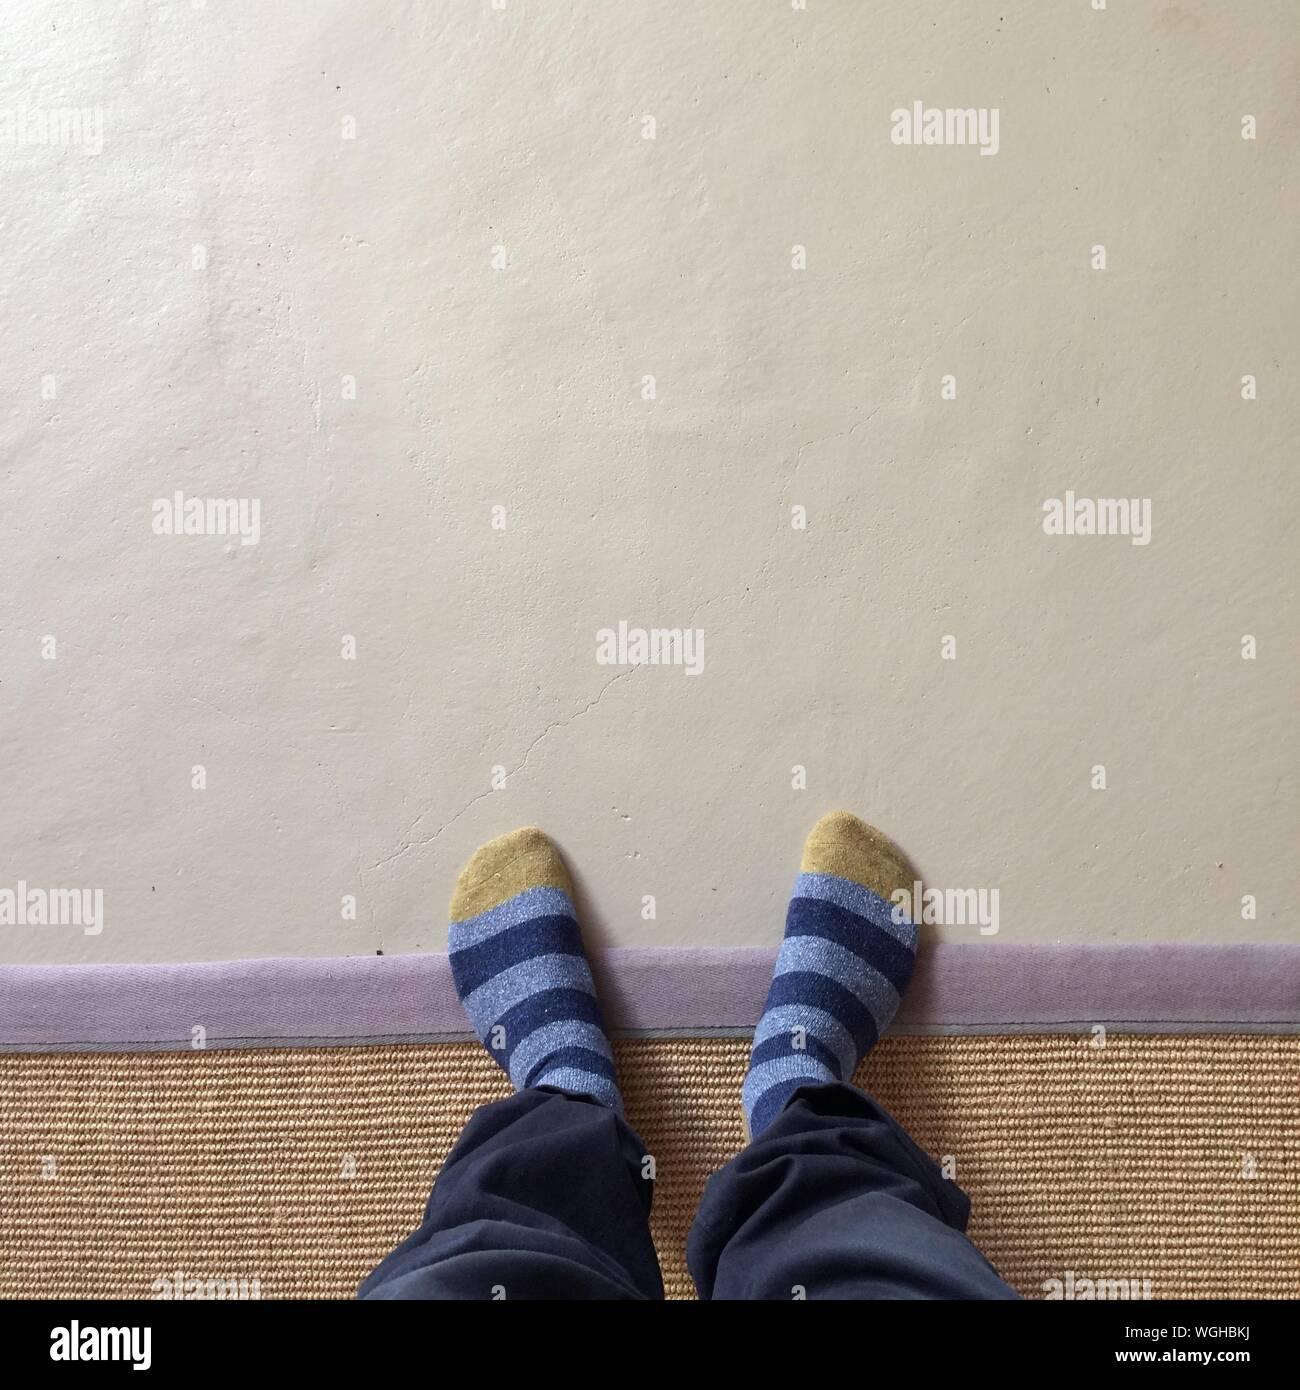 People Man Feet Socks Stockfotos & People Man Feet Socks